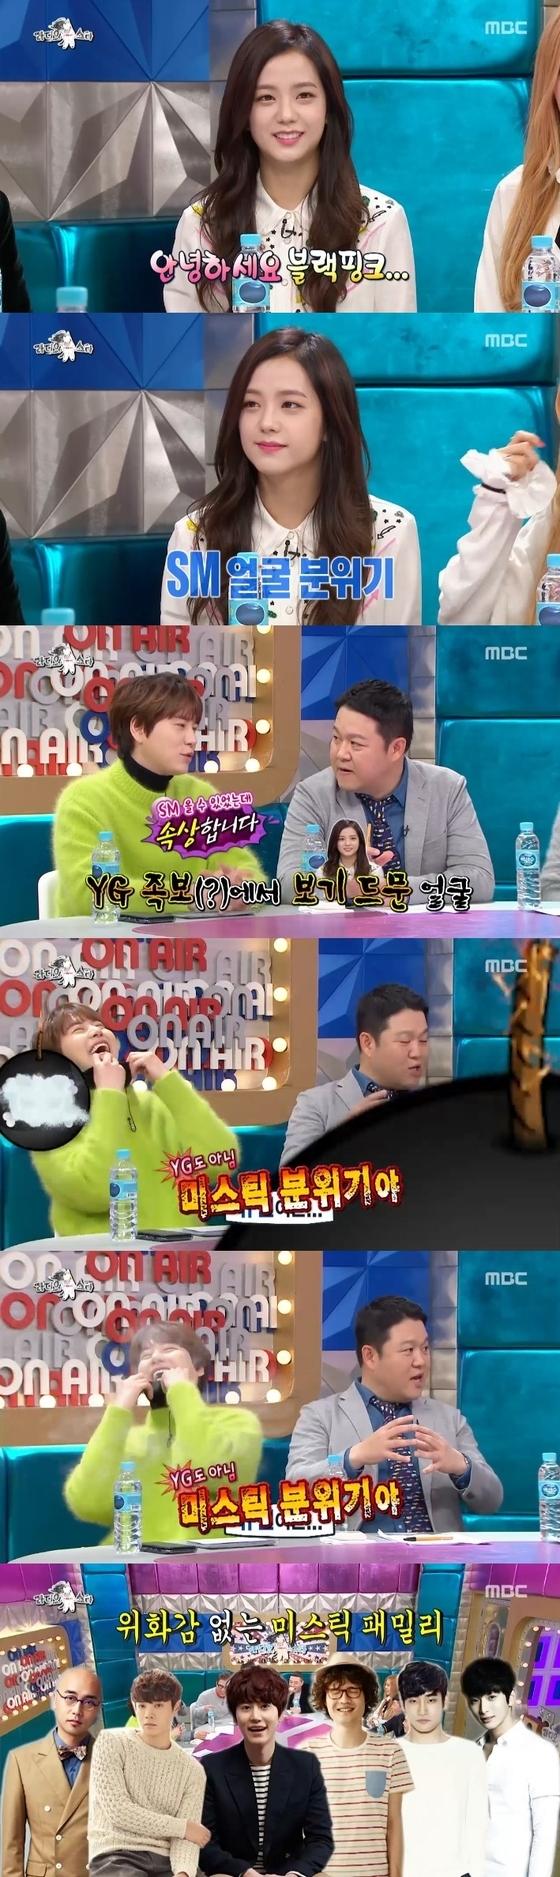 김구라가 지수의 얼굴을 언급했다. © News1star / MBC '황금어장-라디오스타' 캡처